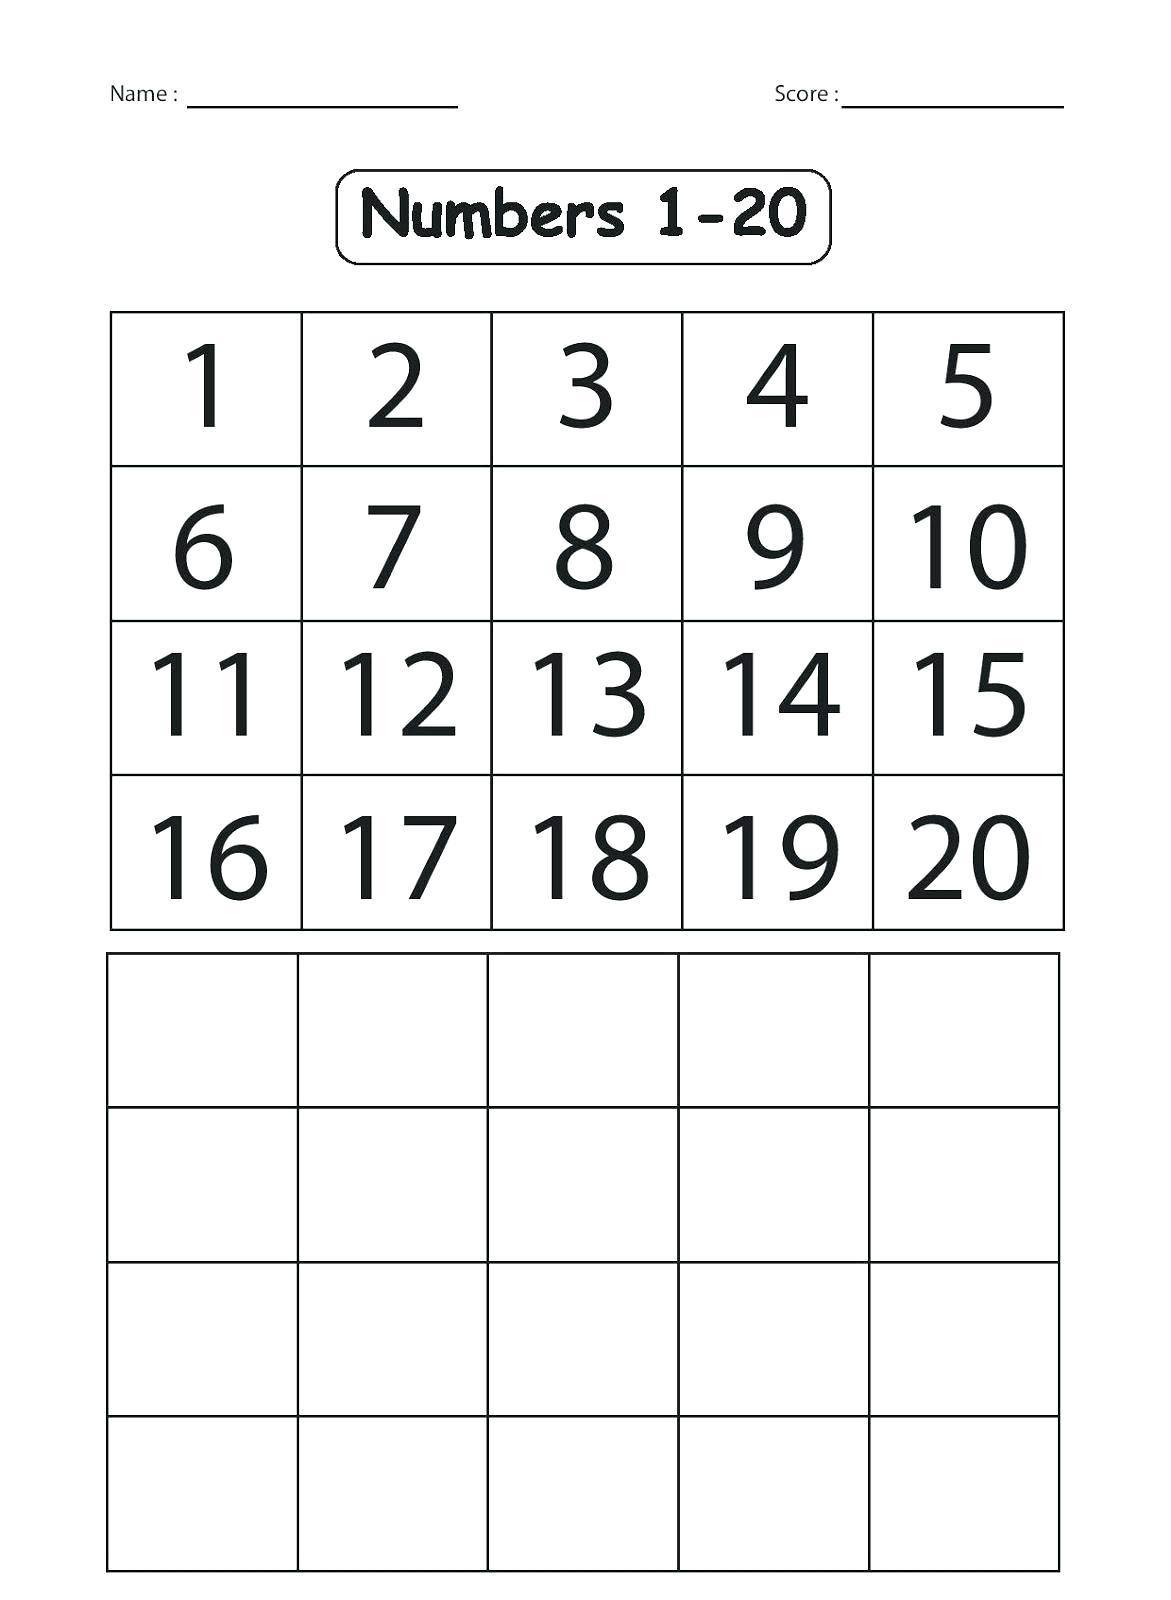 Pratice Ged Math Printable Printable Math Practice Worksheets Number - Free Ged Practice Test 2016 Printable